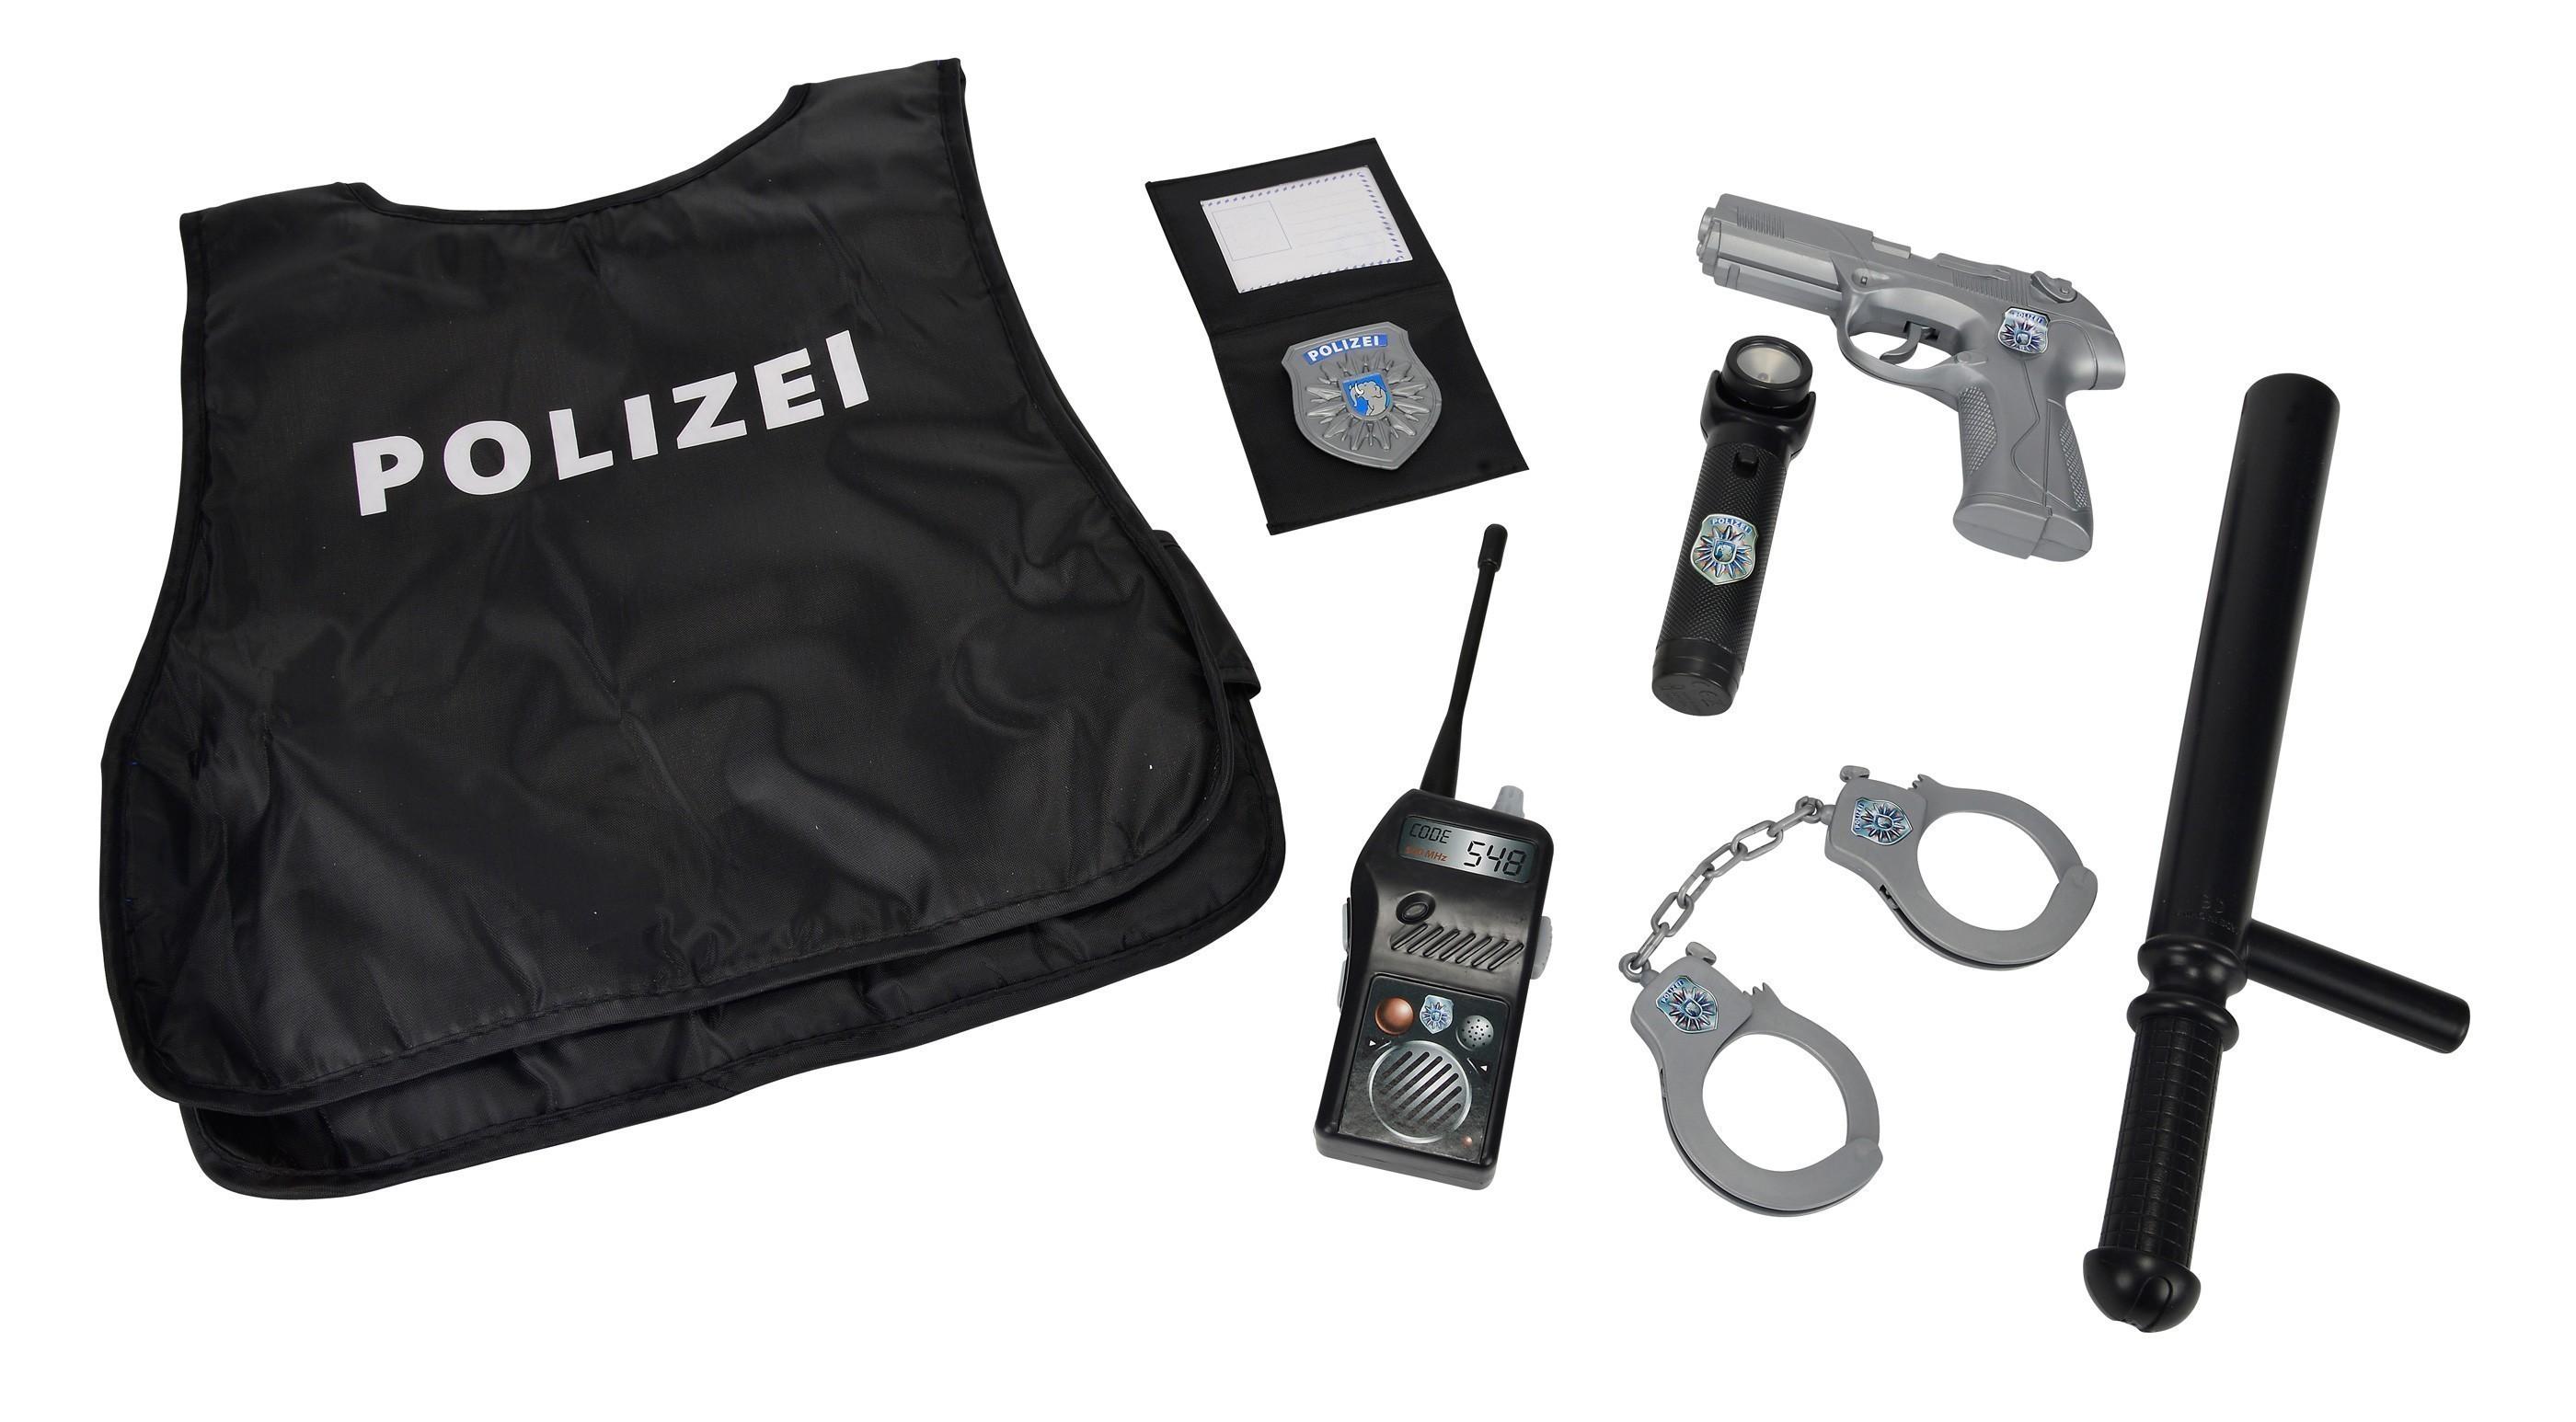 BIG Kinder Polizei Einsatz-Set 8-teilig Bild 1